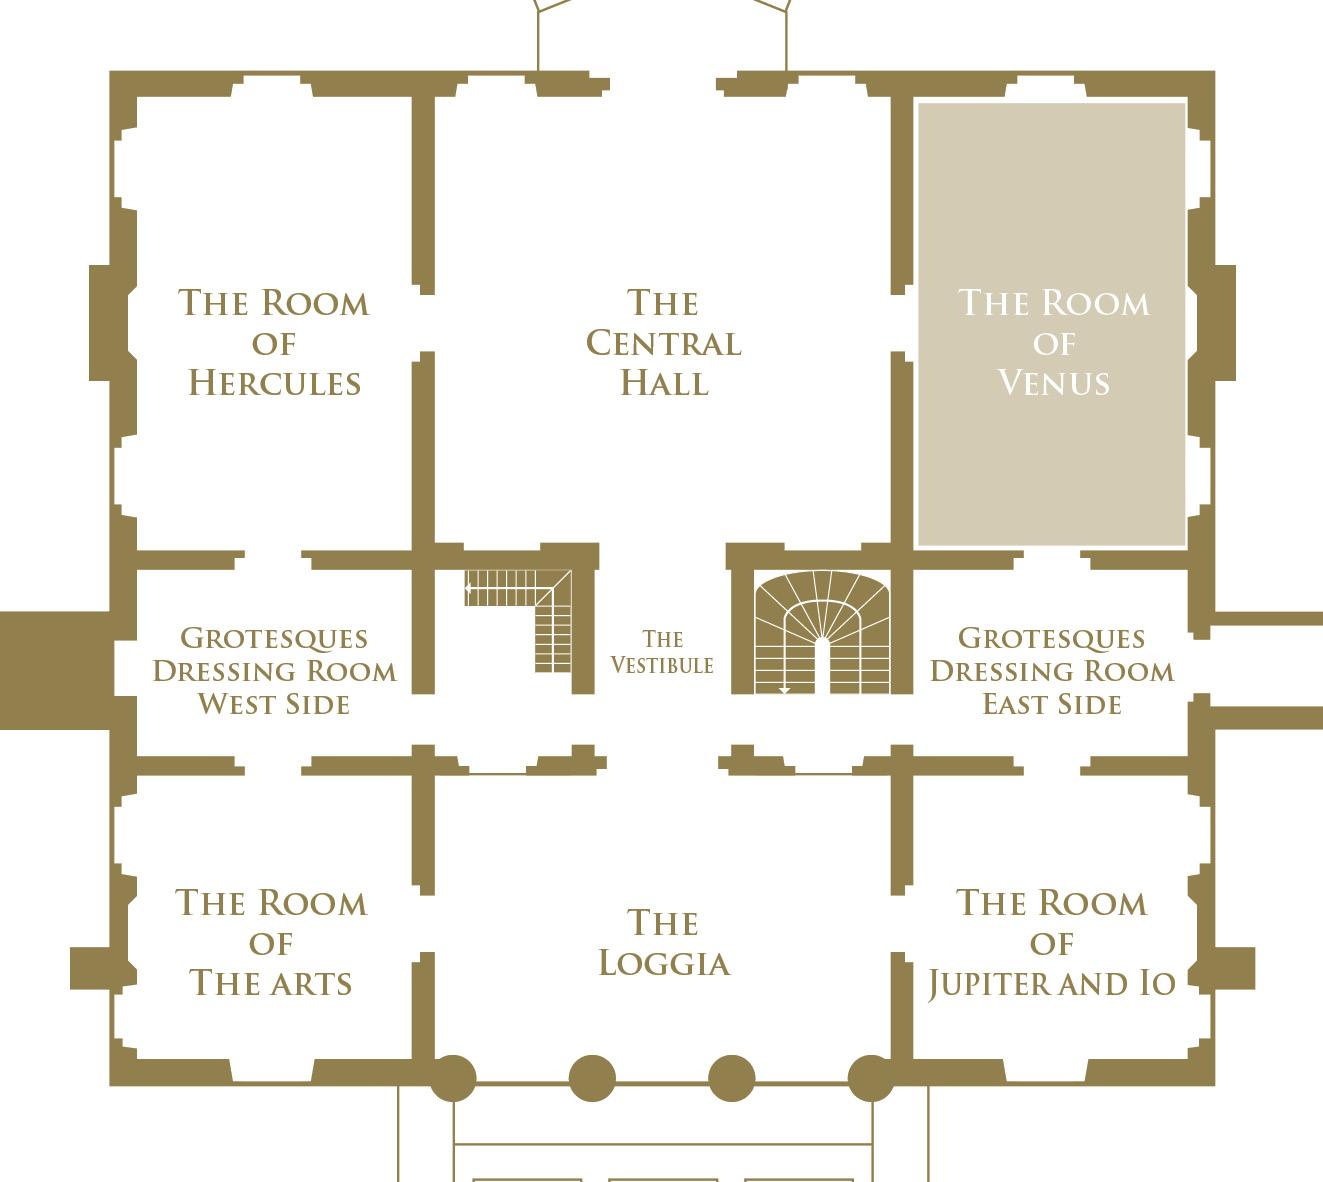 The Room of Venus